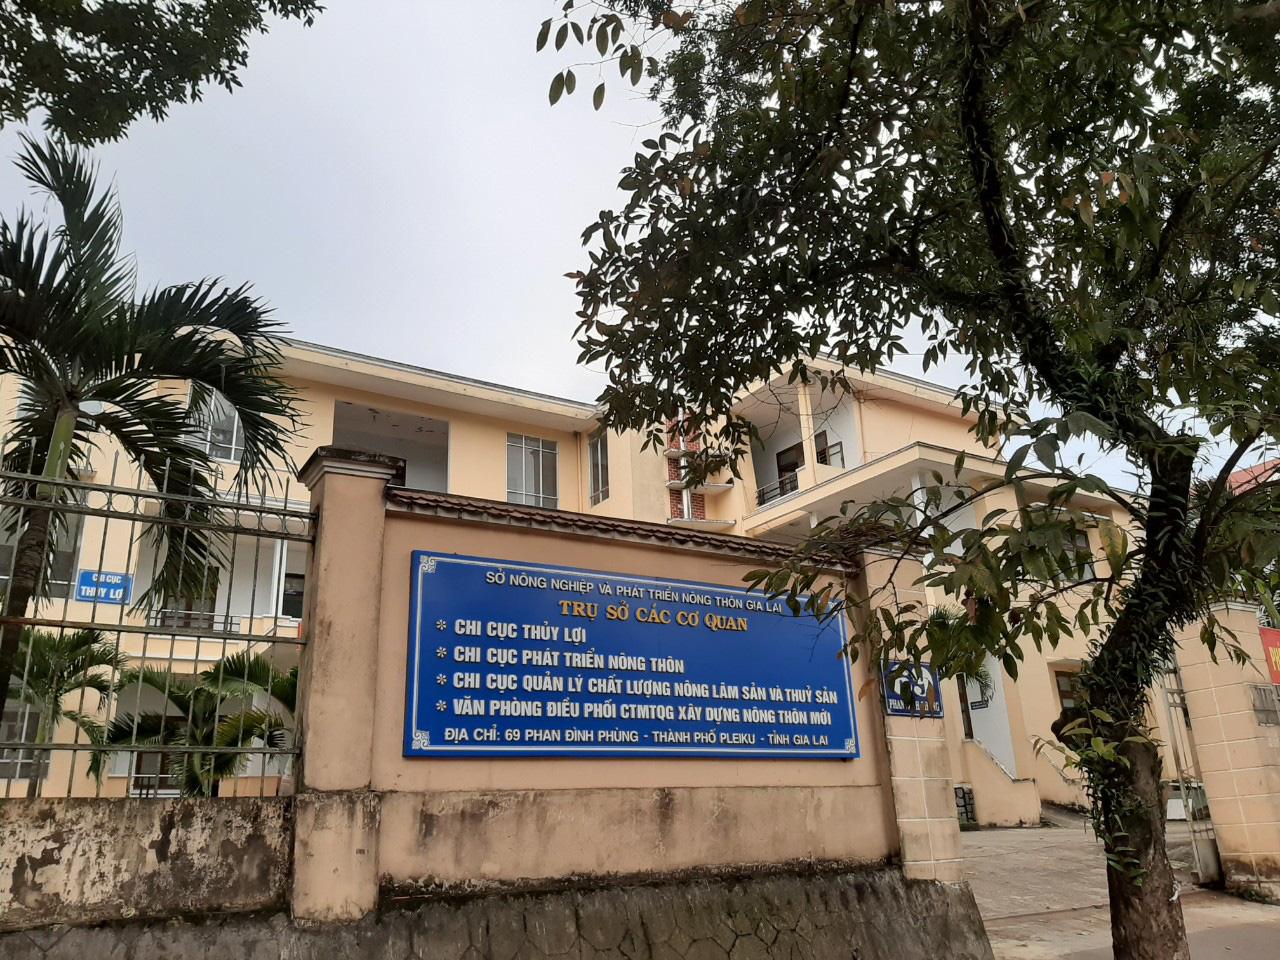 Sai phạm tại Chi cục Nông lâm thủy sản: Ông Lê Huy Toàn không còn làm Chi cục trưởng - Ảnh 1.